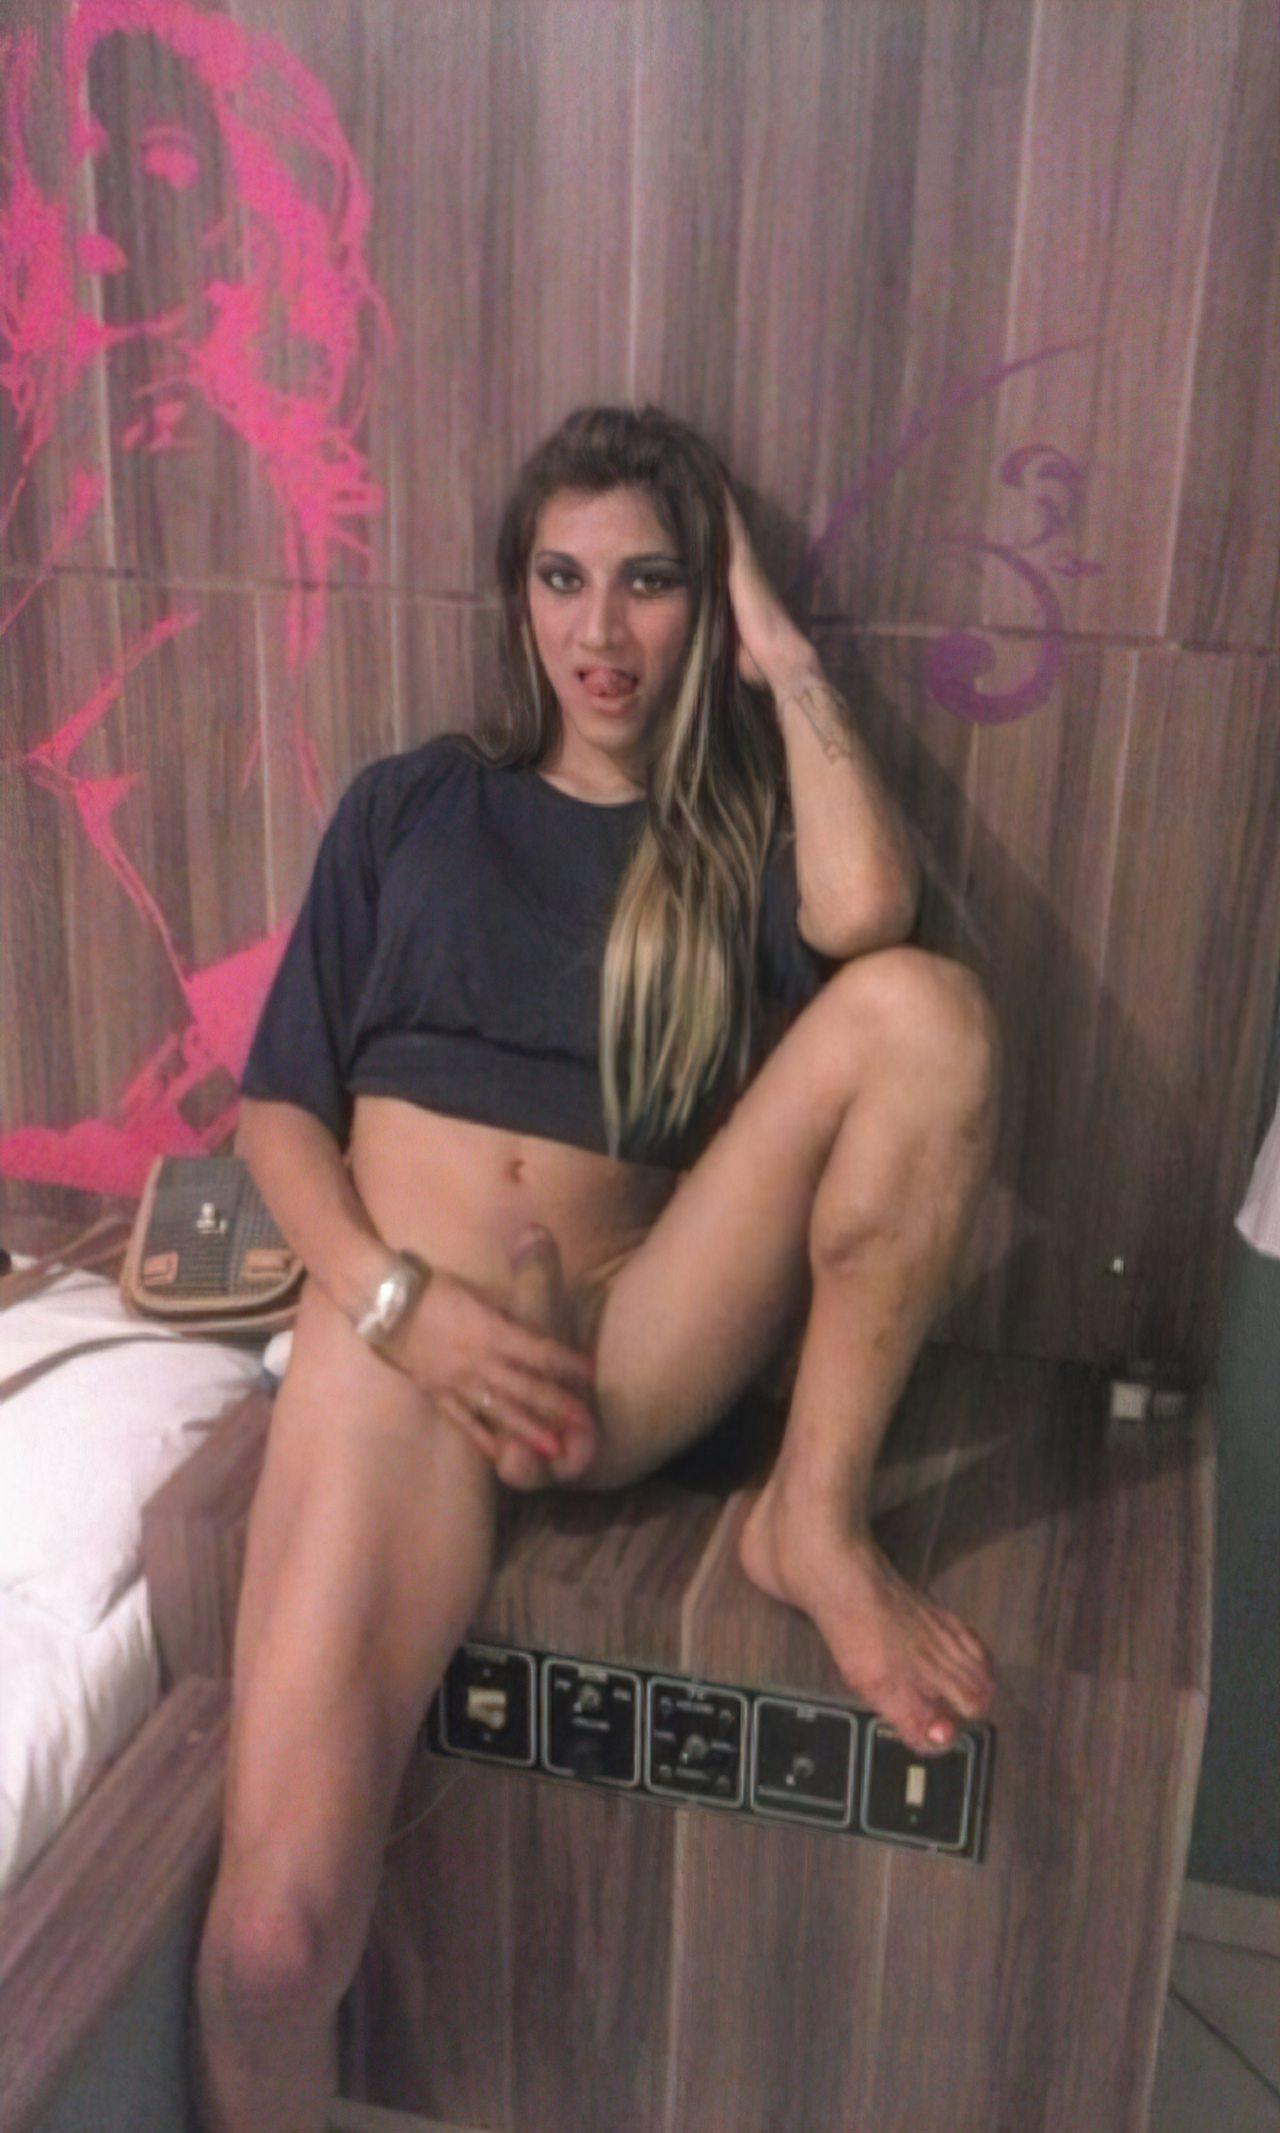 Fotos Amadoras de Travesti Gostosa (1)